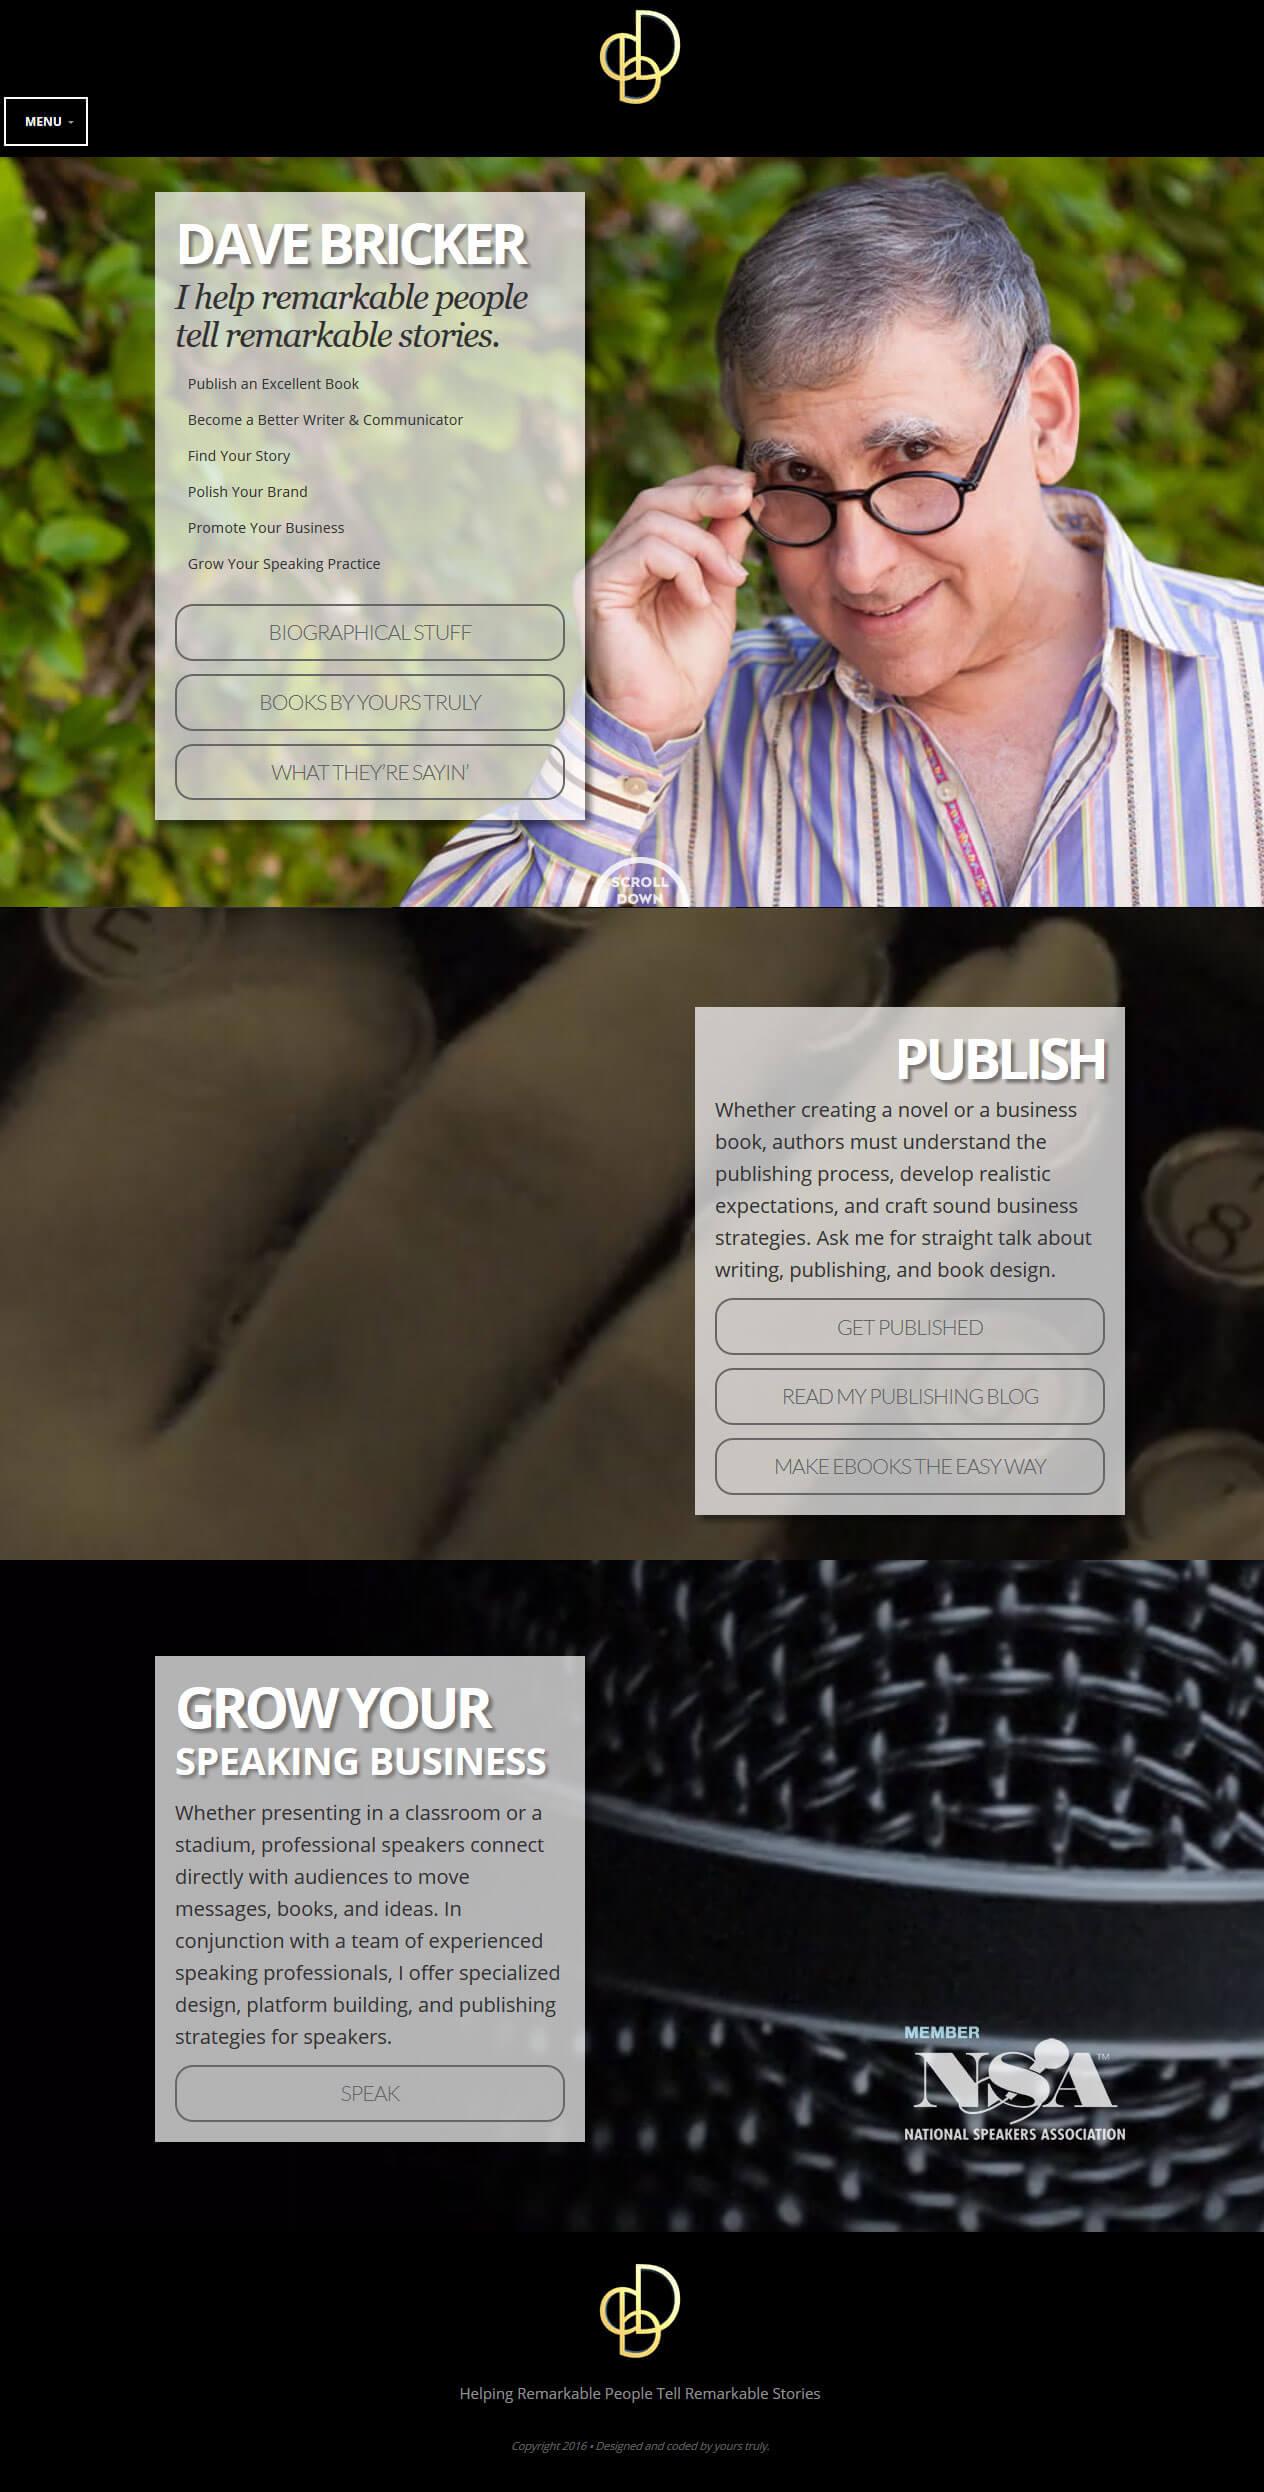 Website for Media 'Dave Bricker' in Wordpress - Online Books Seller